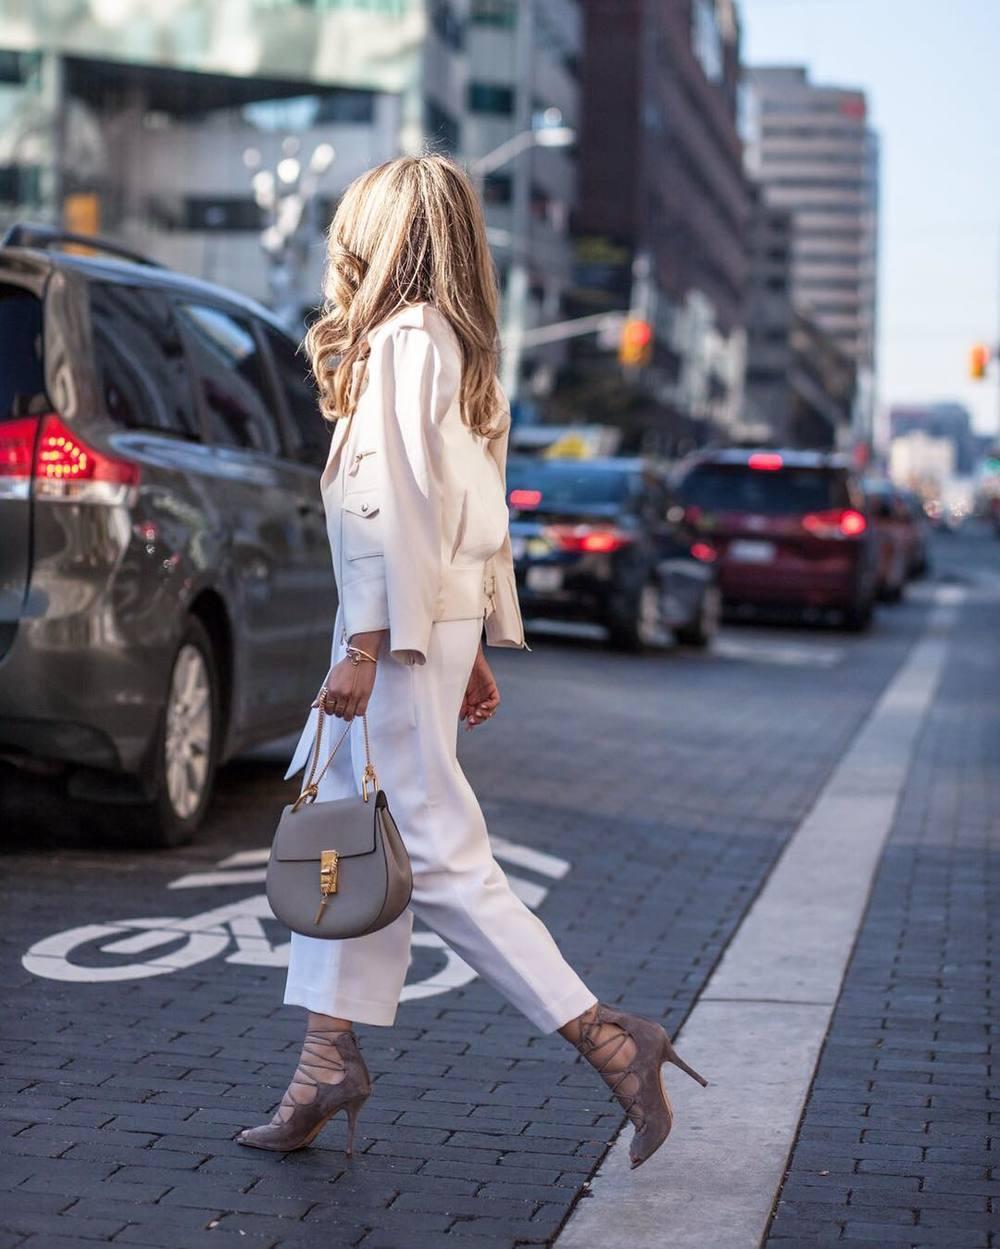 Stylish blogger style